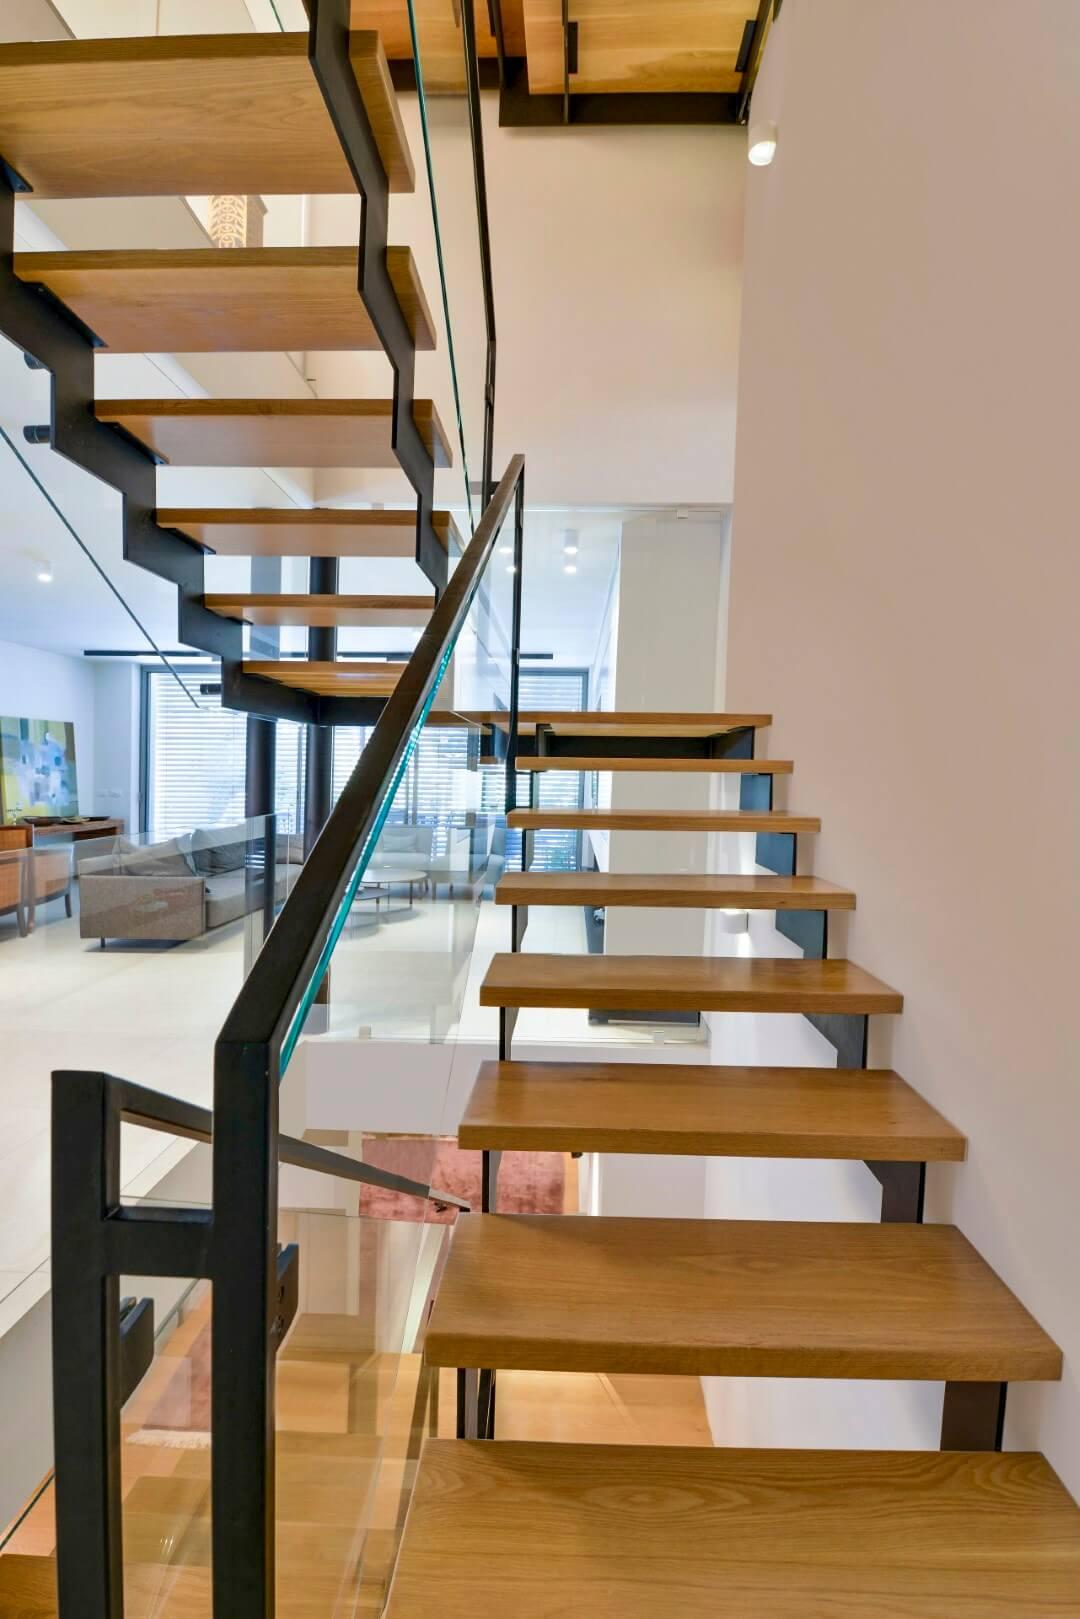 מבט מגרם מדרגות הברזל דרך מדרכי עץ האלון על סלון הבית